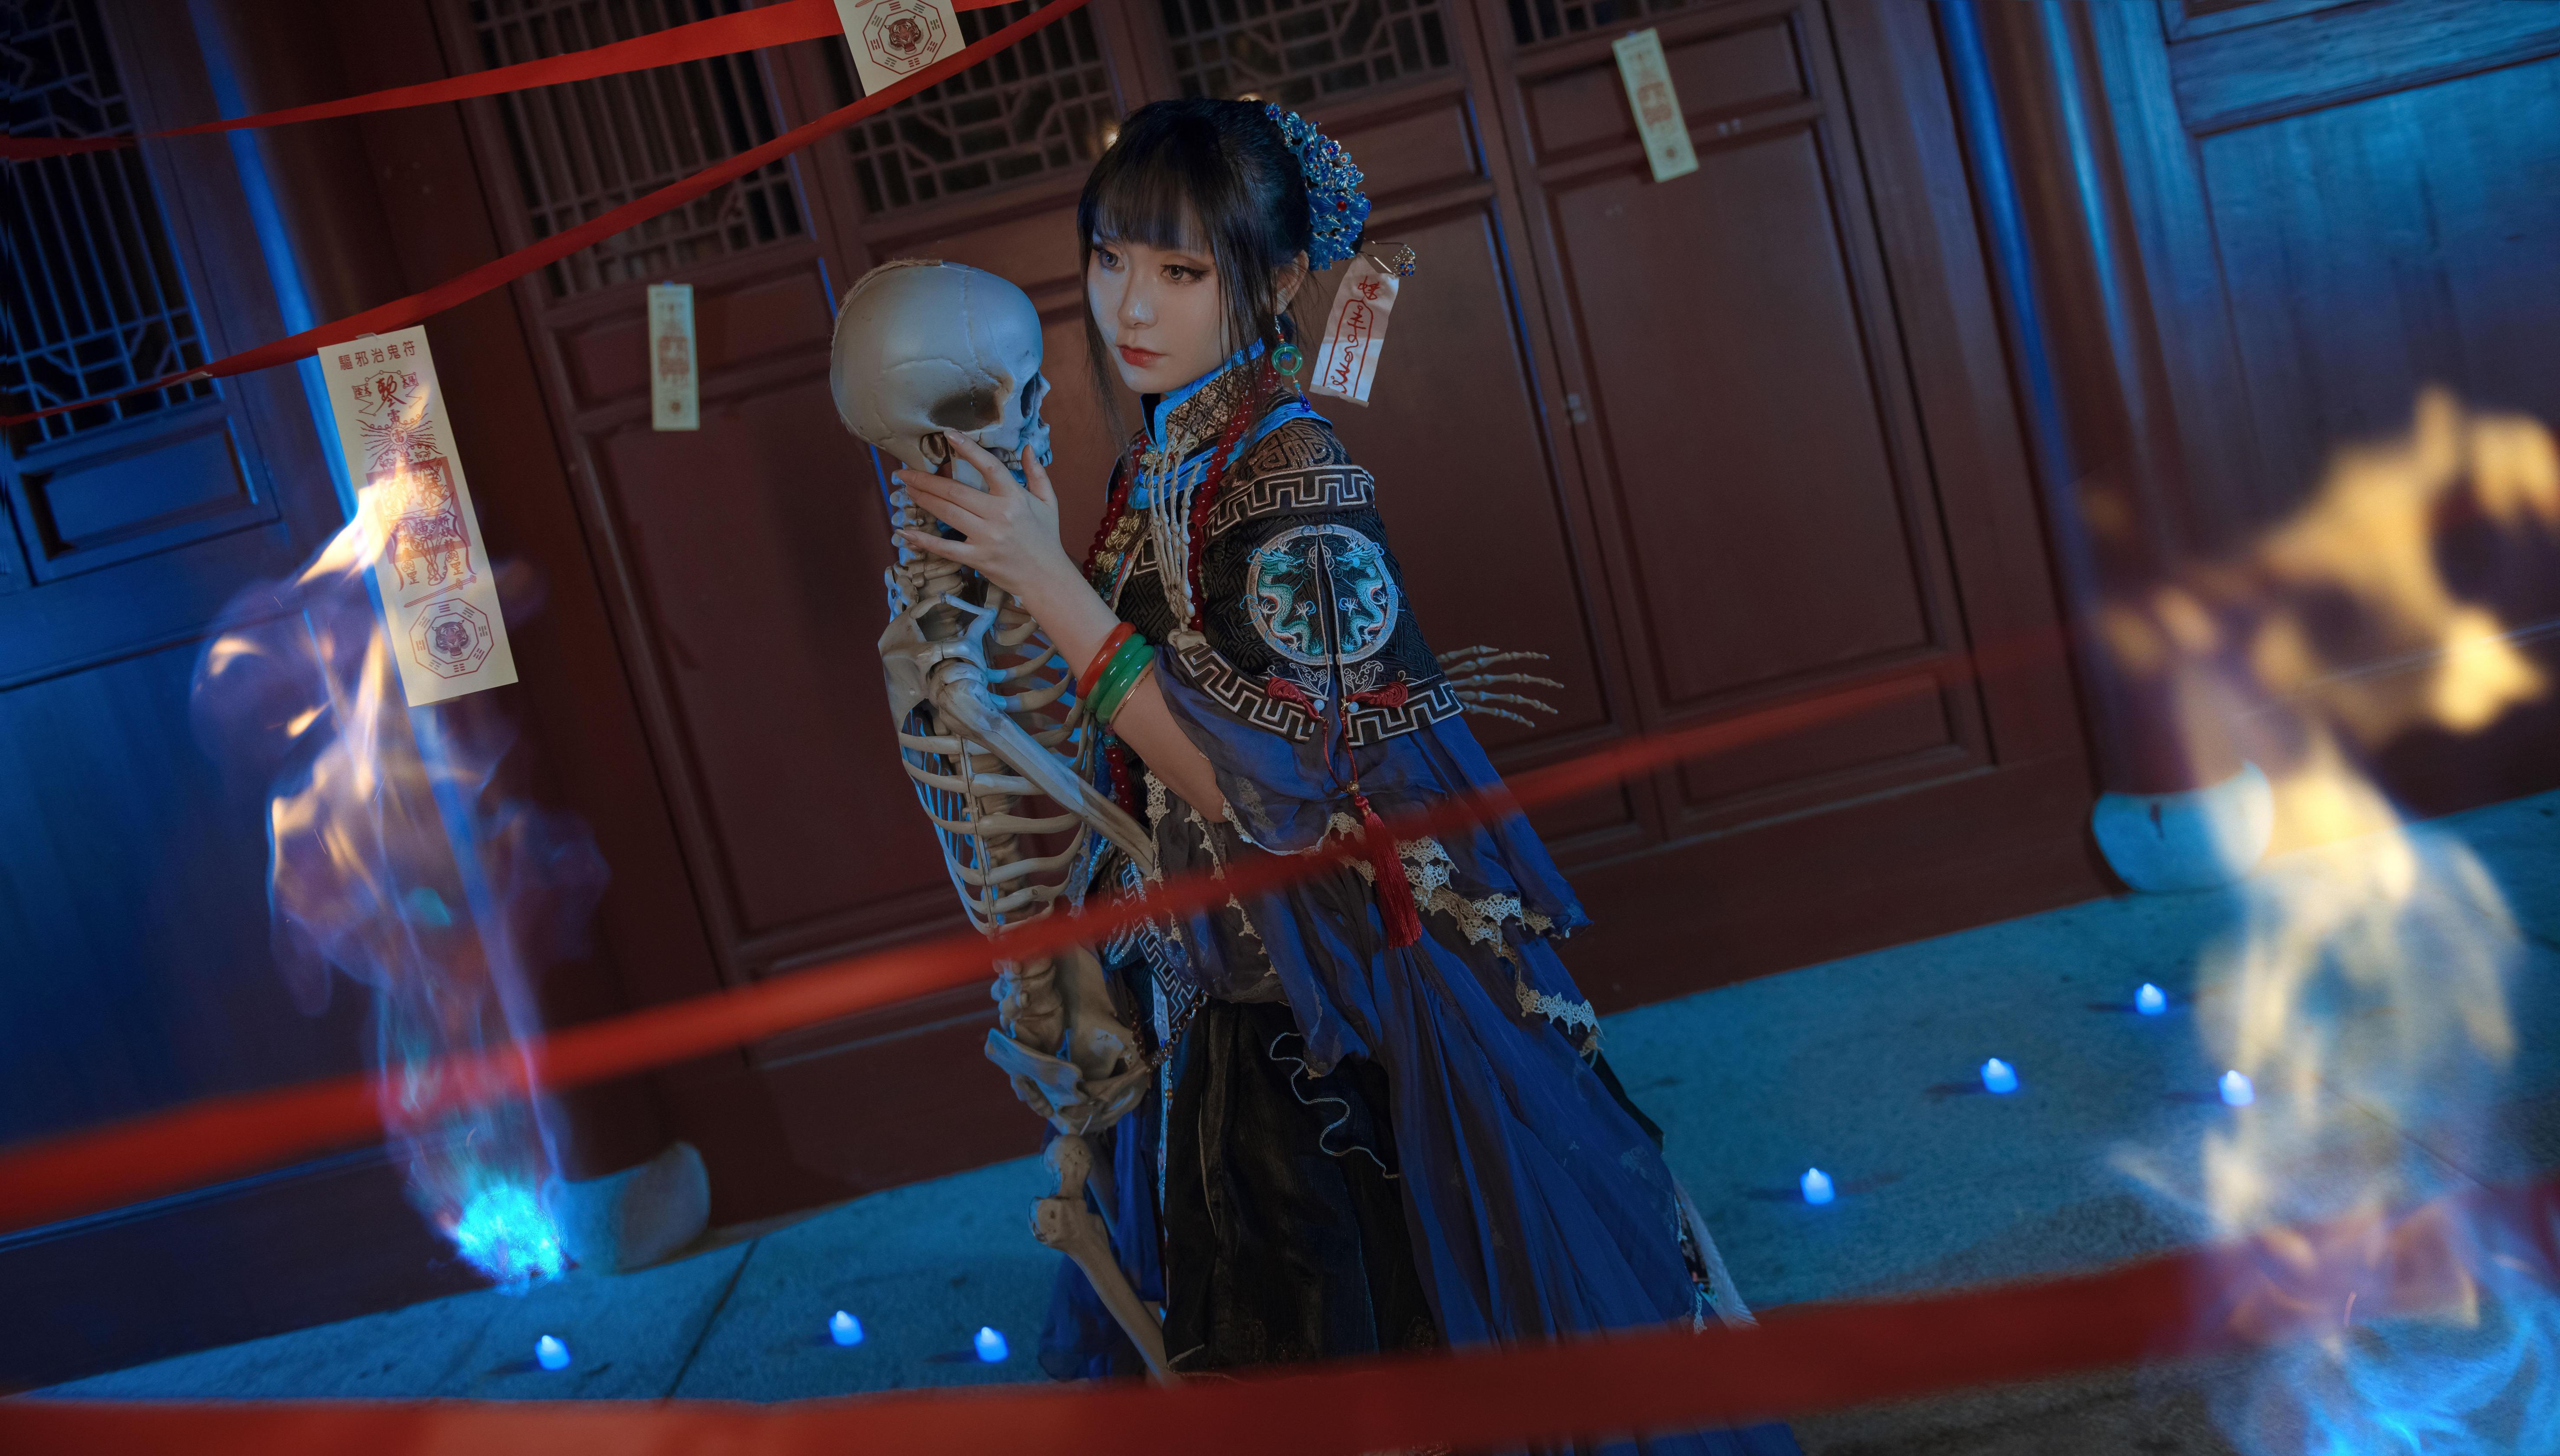 《闪耀暖暖》奇迹暖暖cosplay【CN:沐鱼微夏】-第8张